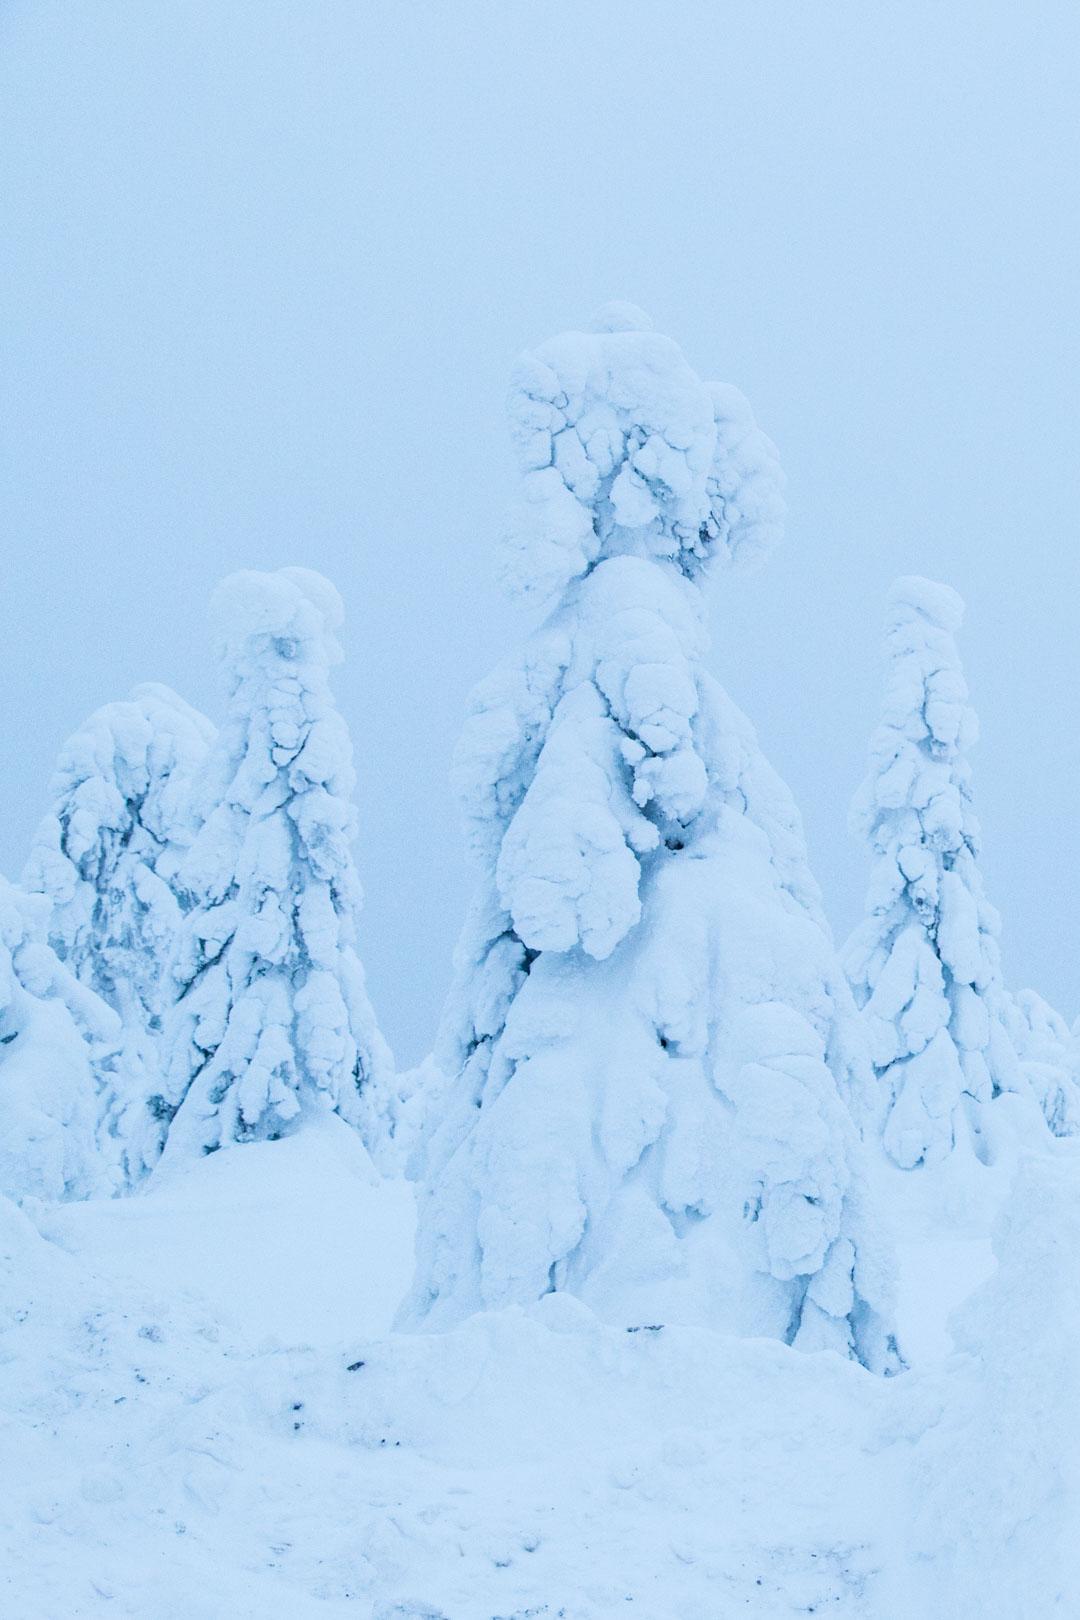 tykkylumipuita Iso-Syötteellä talvella